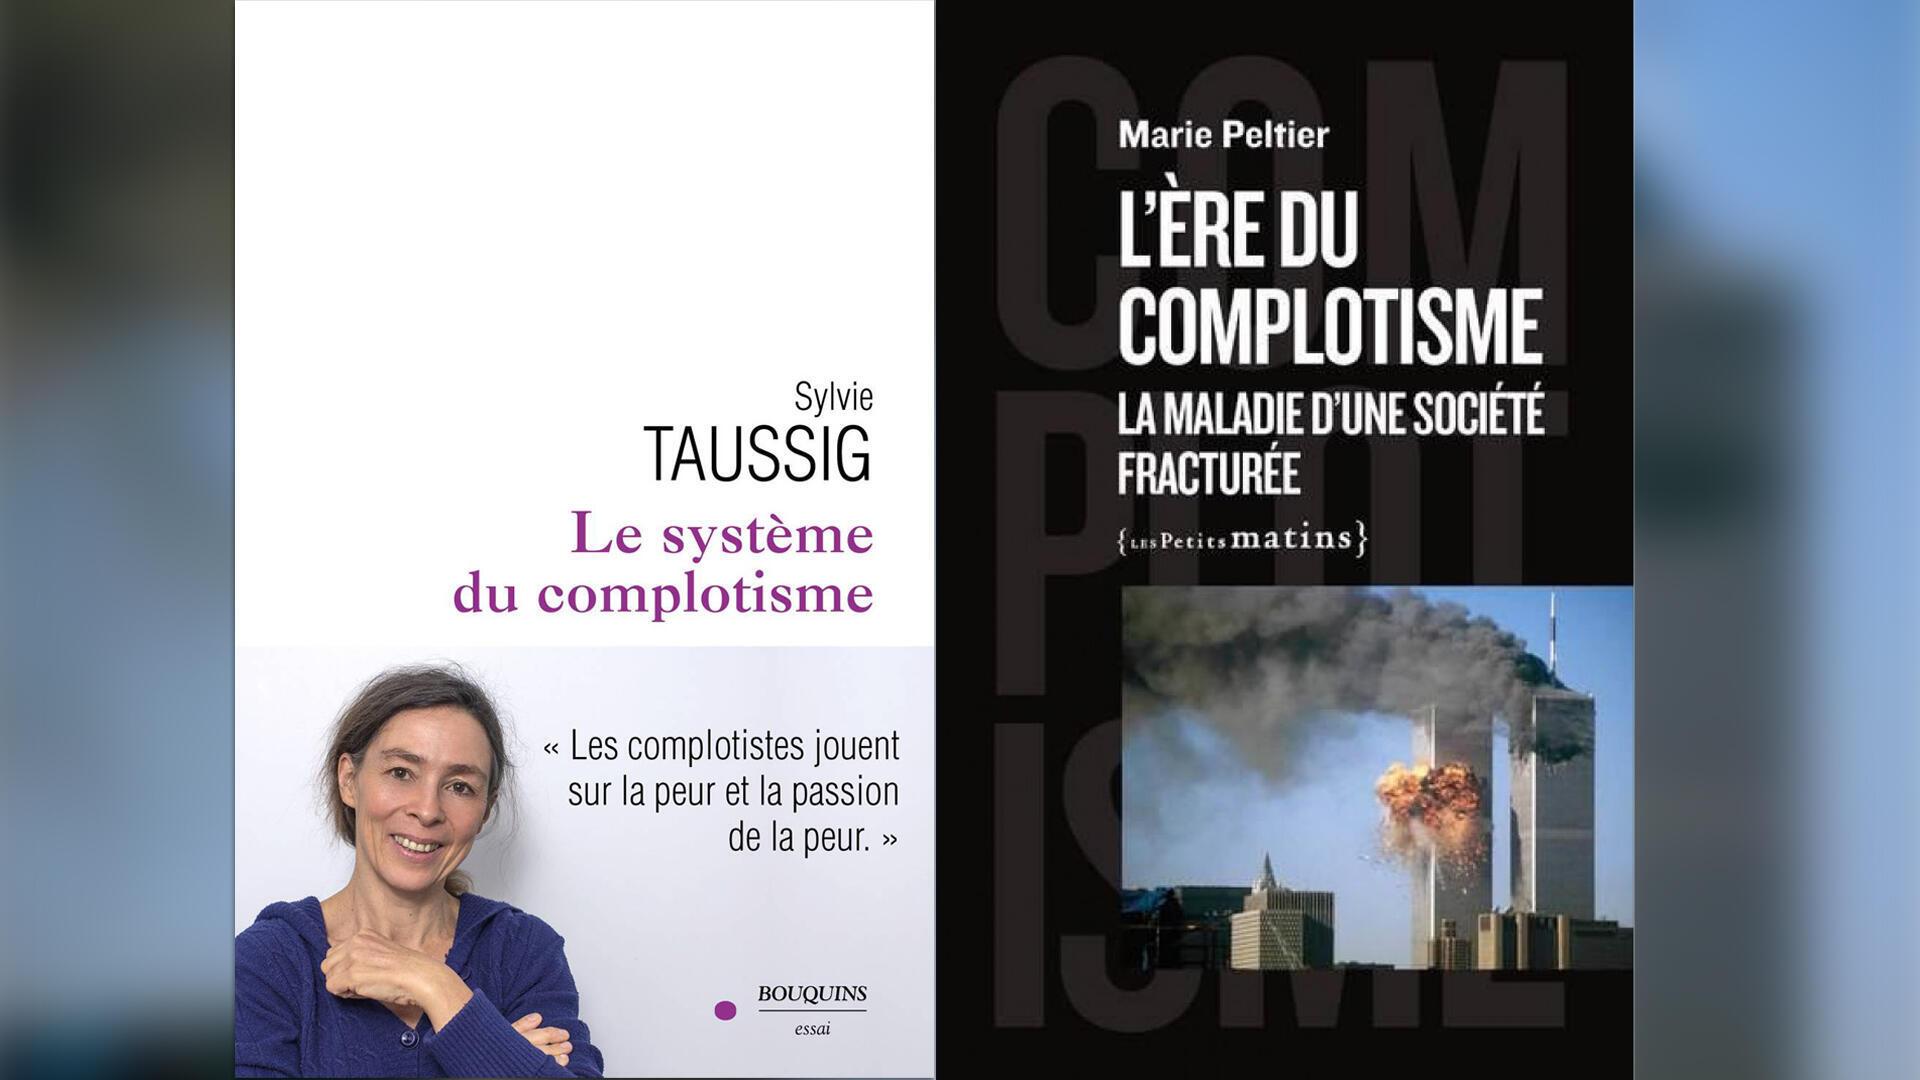 Montage - couvertures - Complotisme - Sylvie Taussig - Marie Peltier - Idées du 4 juillet 2021